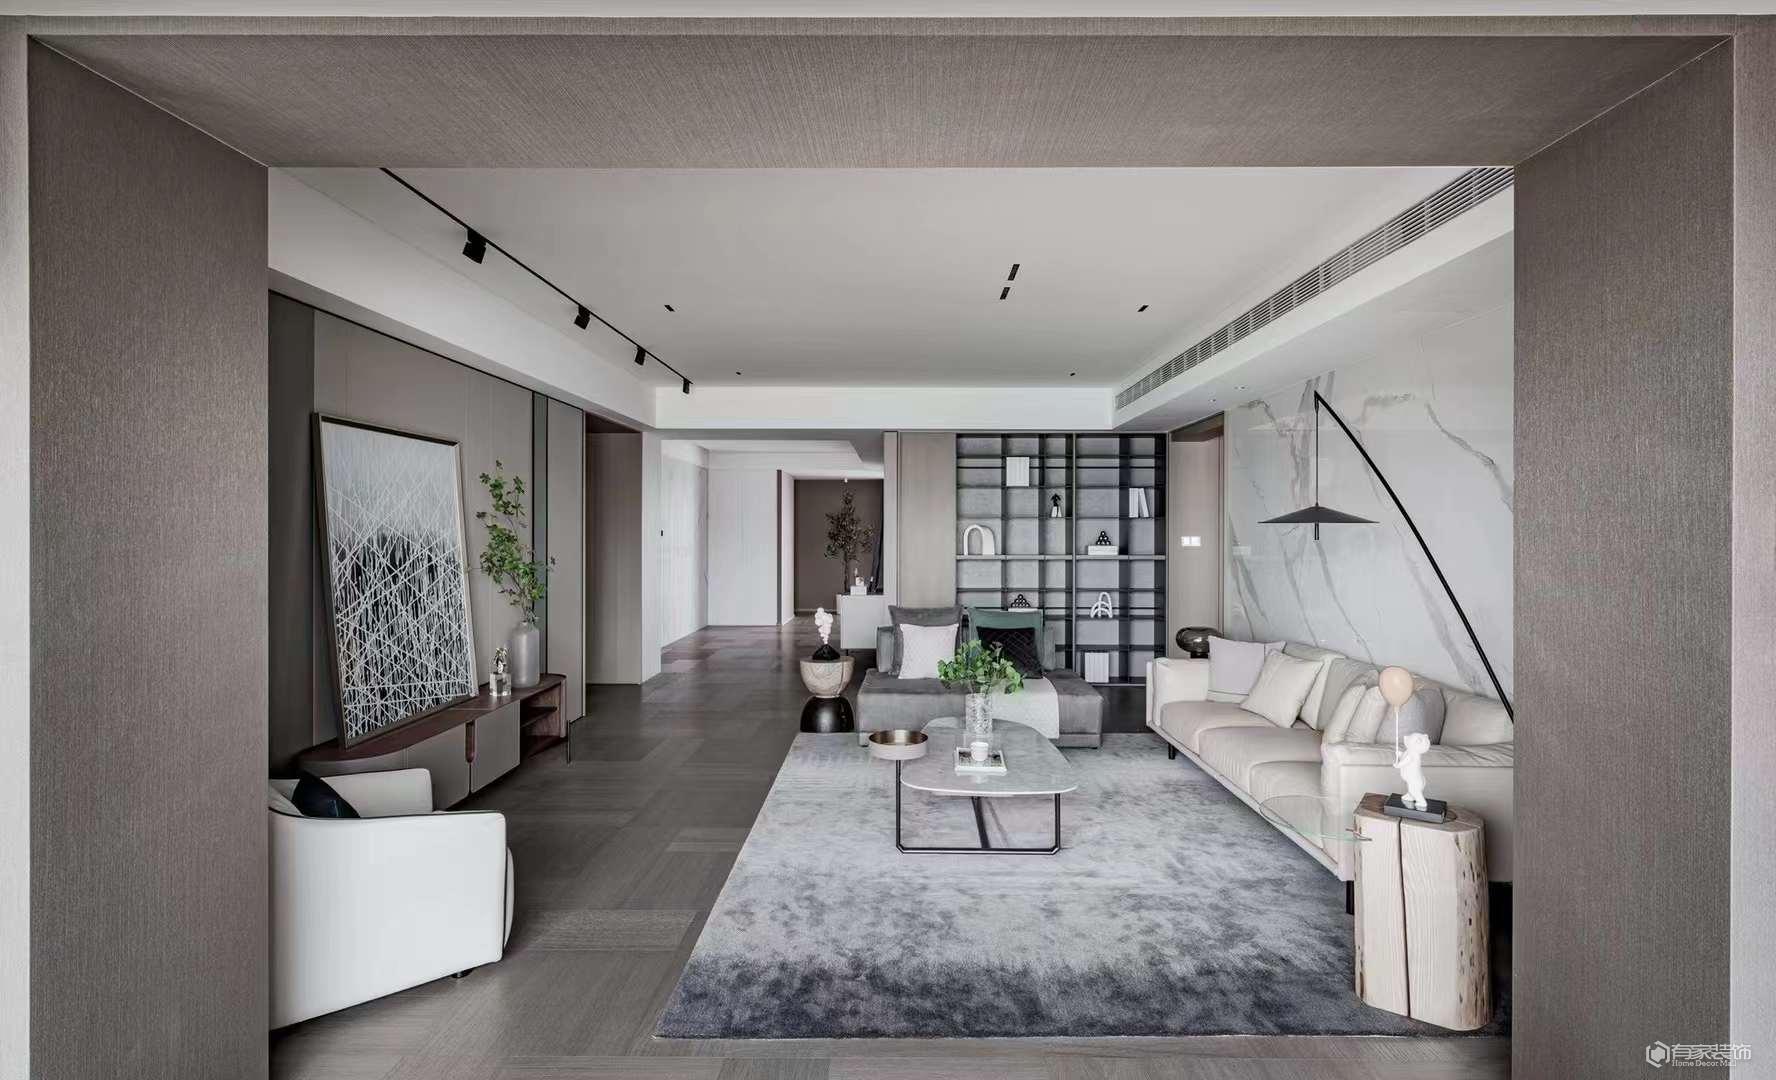 新屋装修如何设计才能展现独特风格?